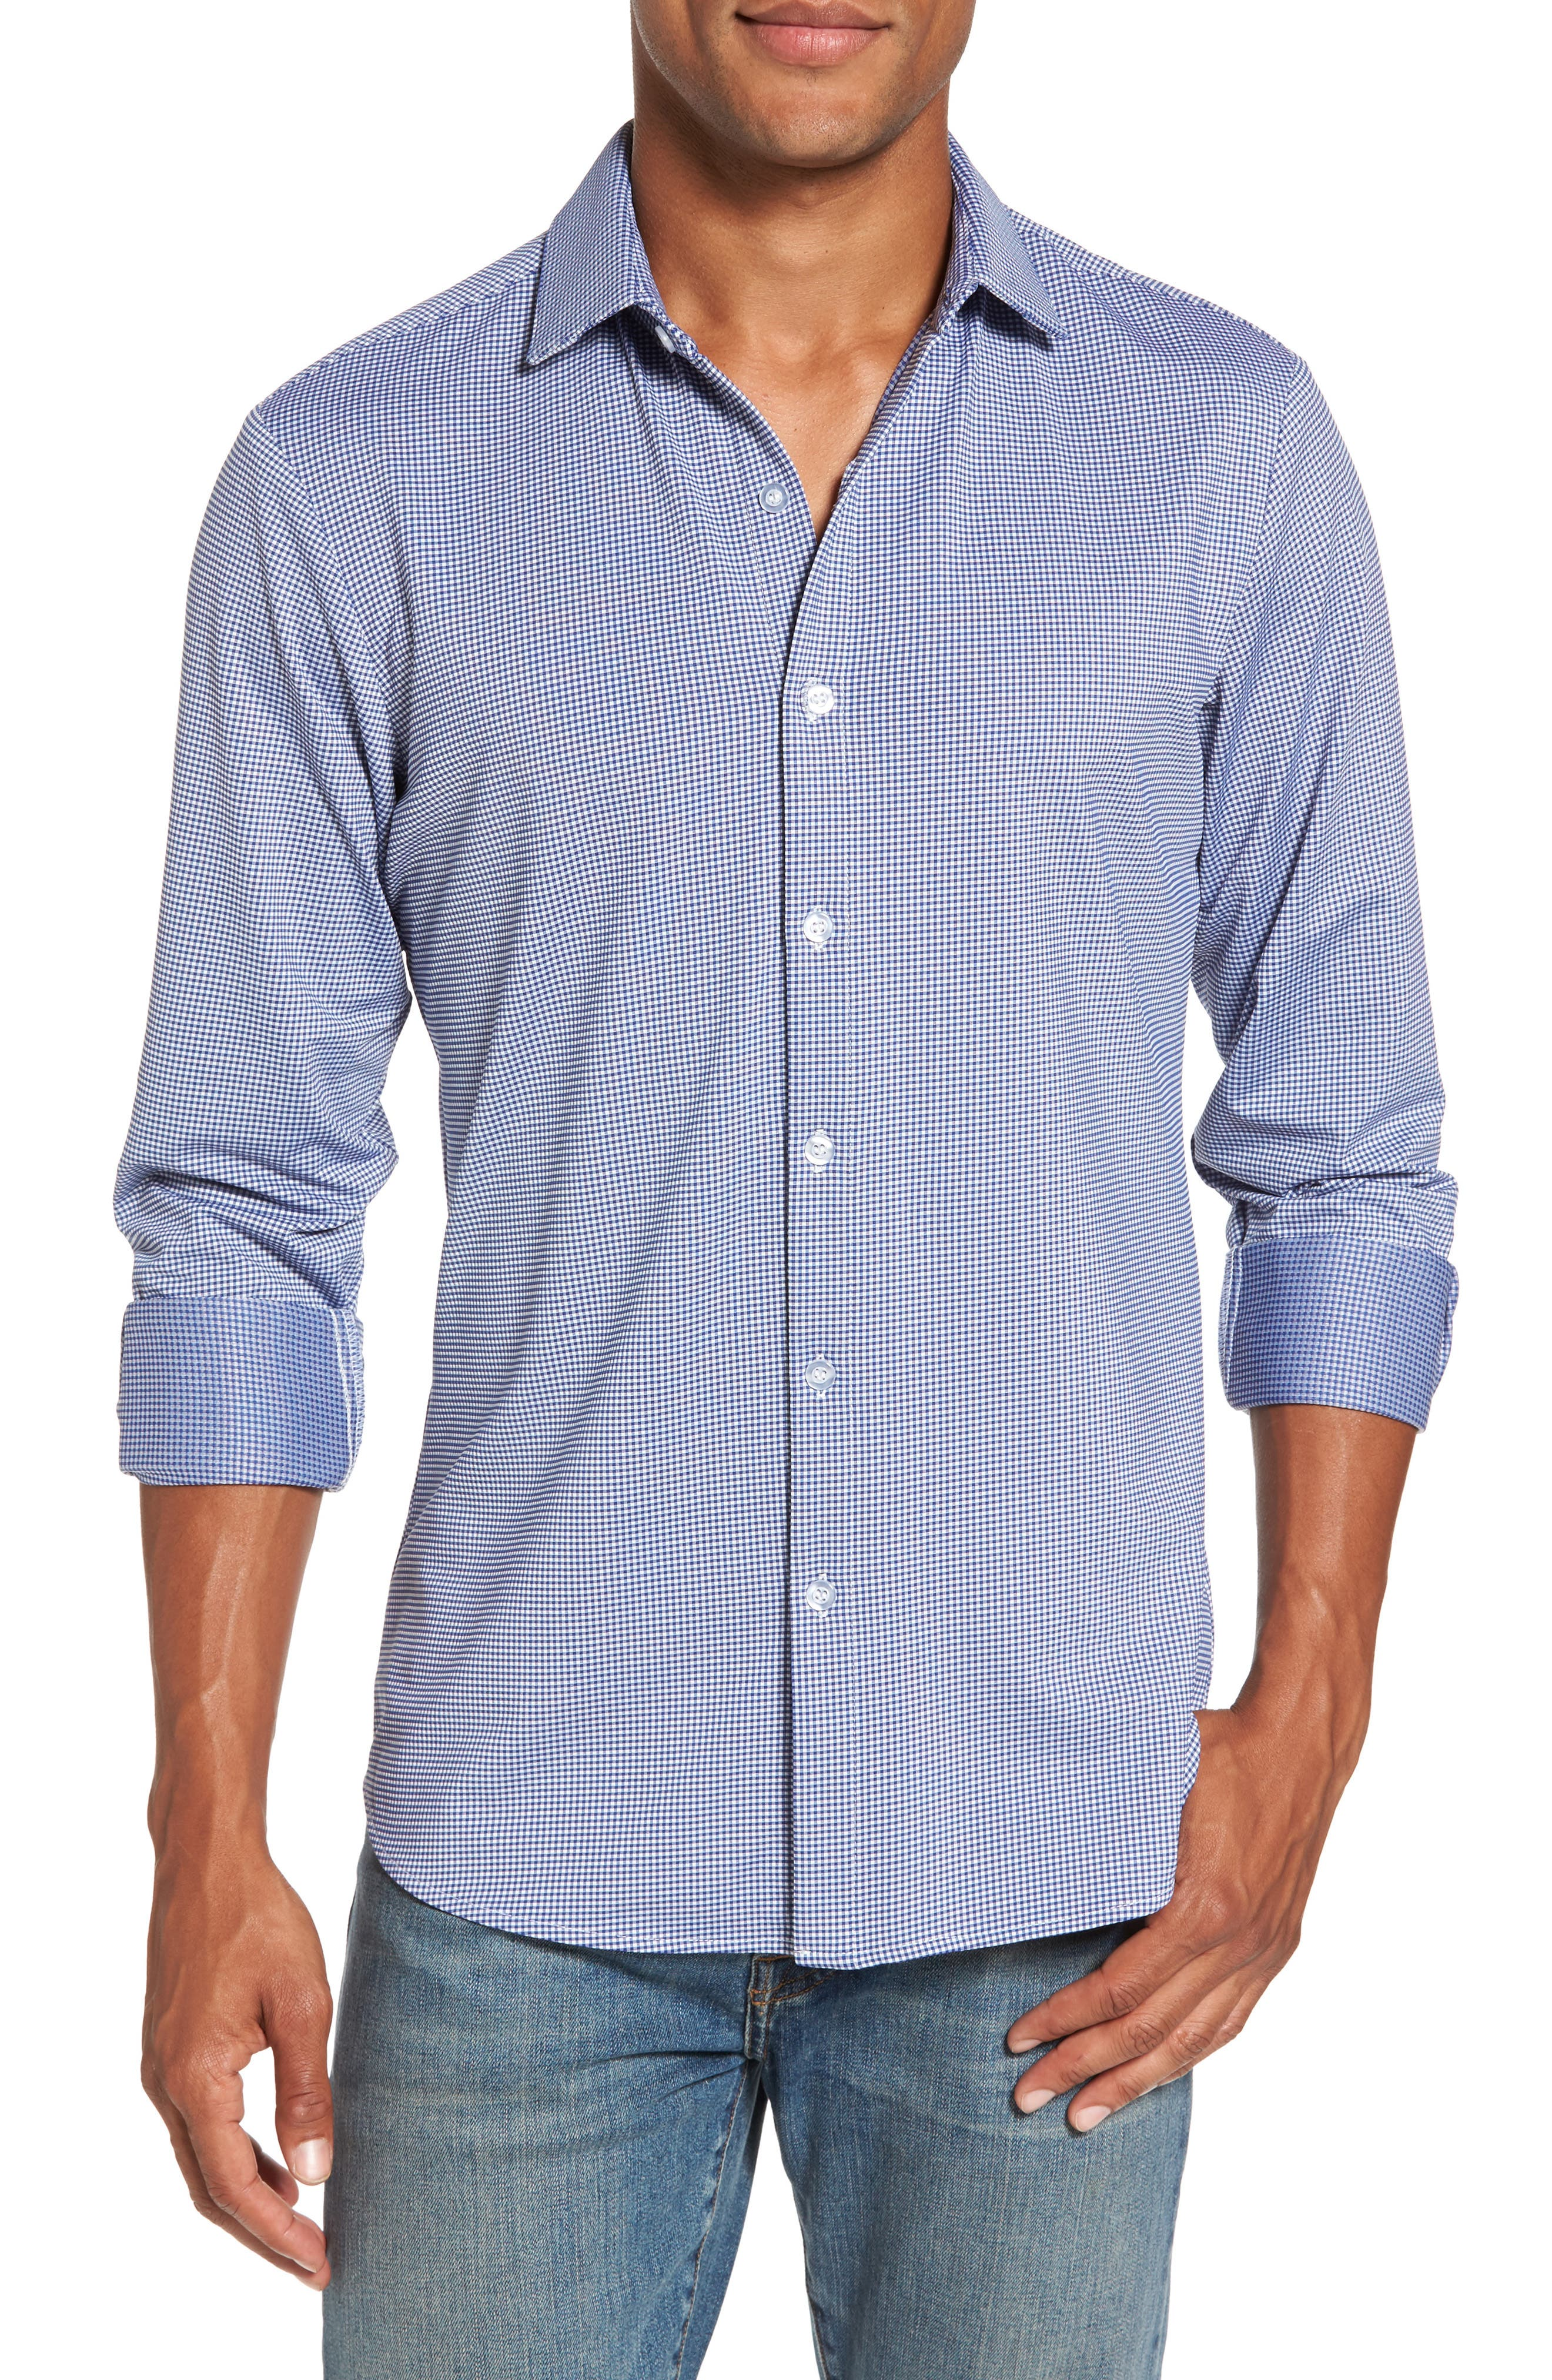 Beckett Gingham Sport Shirt,                         Main,                         color, Blue